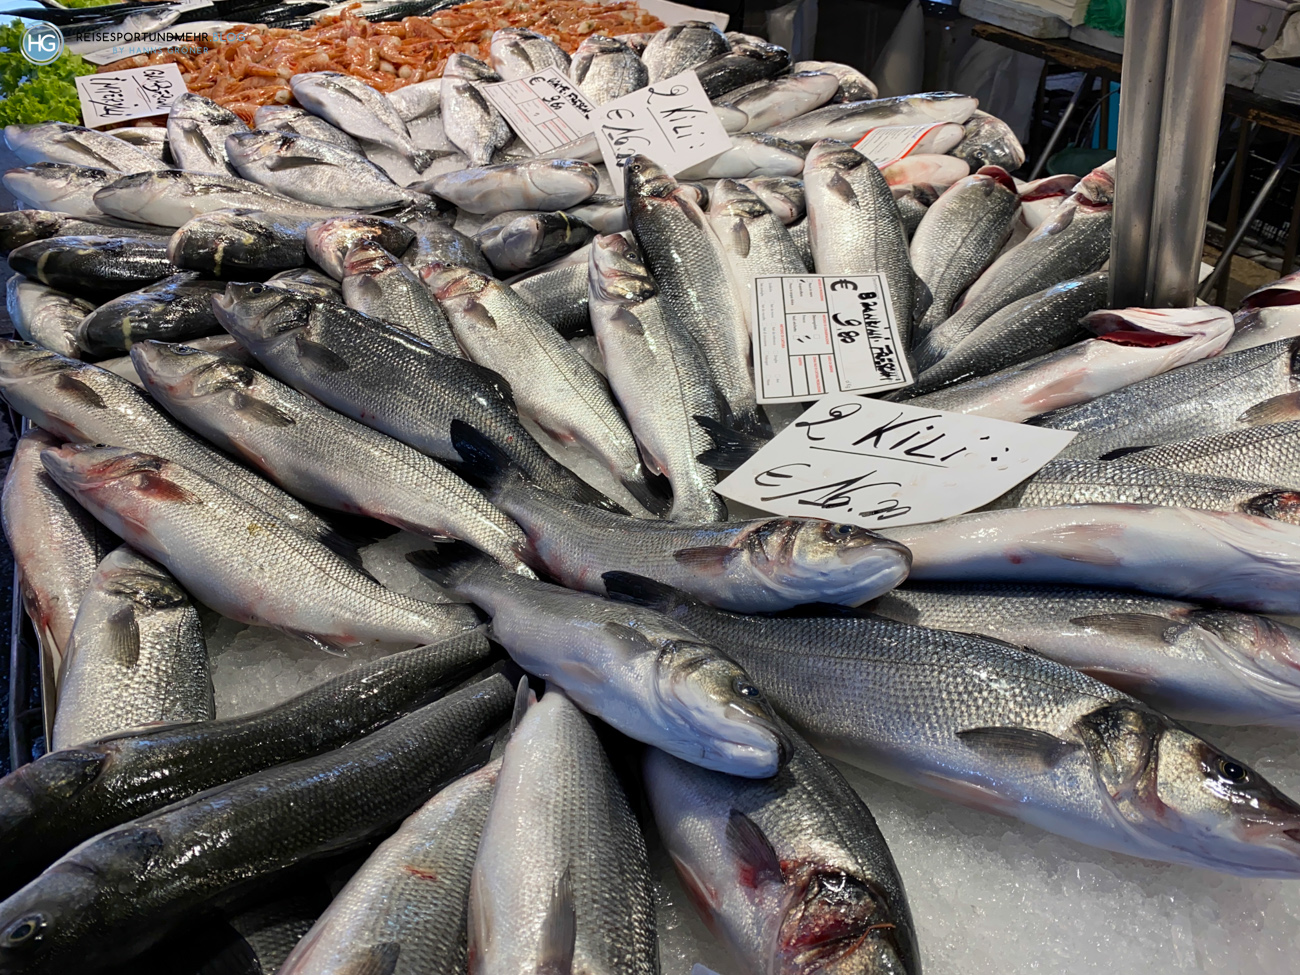 Venedig Pfingsten 2021 - Fischmarkt in Rialto (Foto: Hanns Gröner)